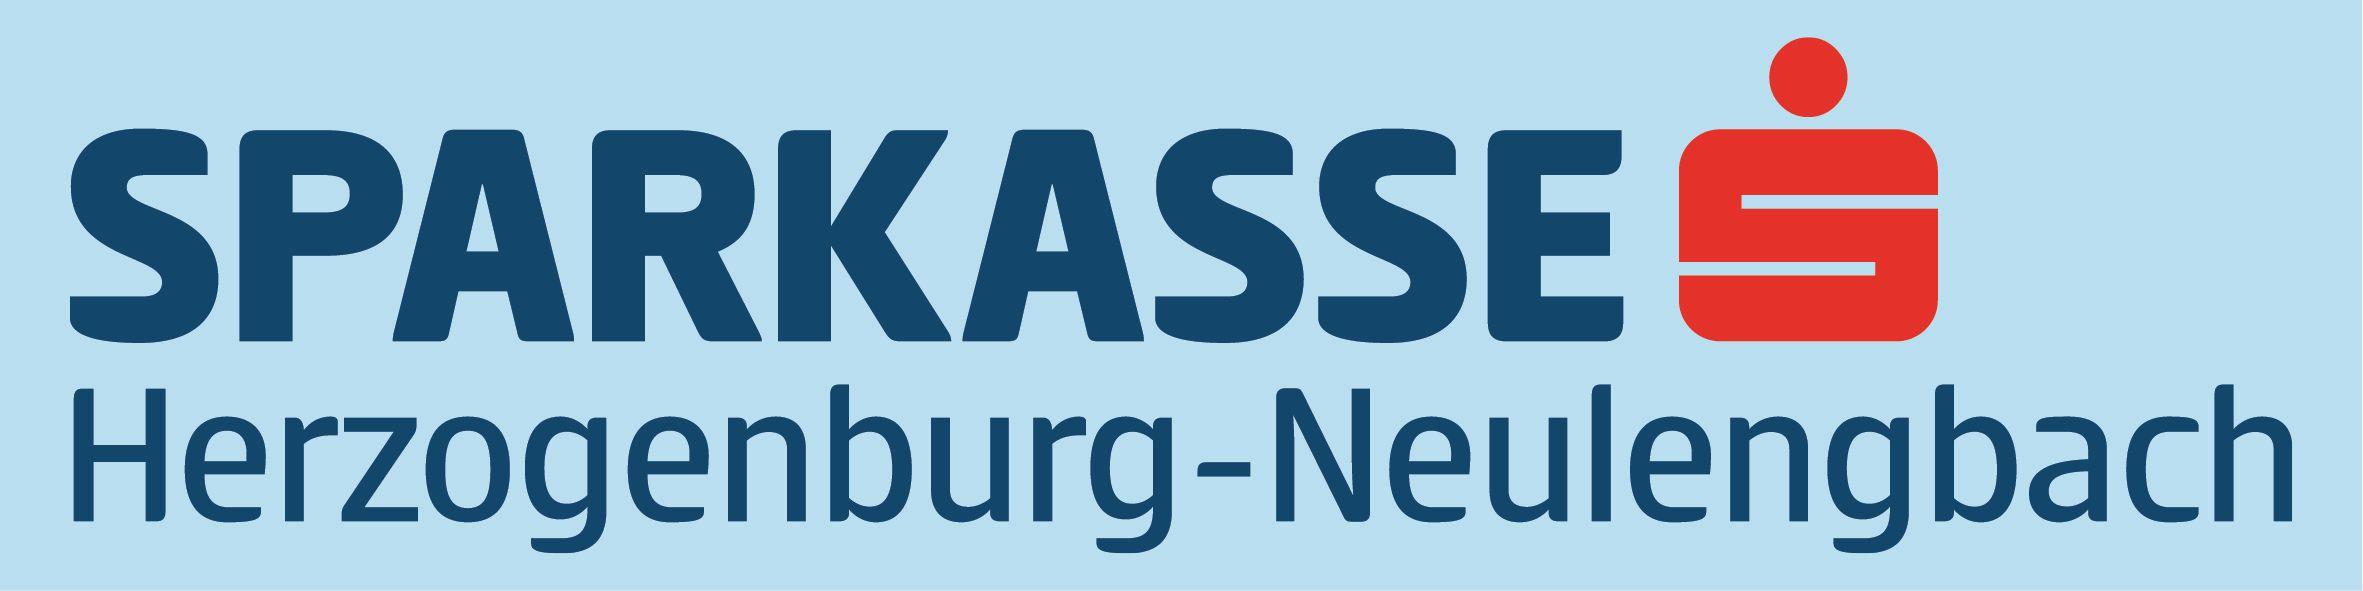 Logowerbung_Herzogenburg_V2